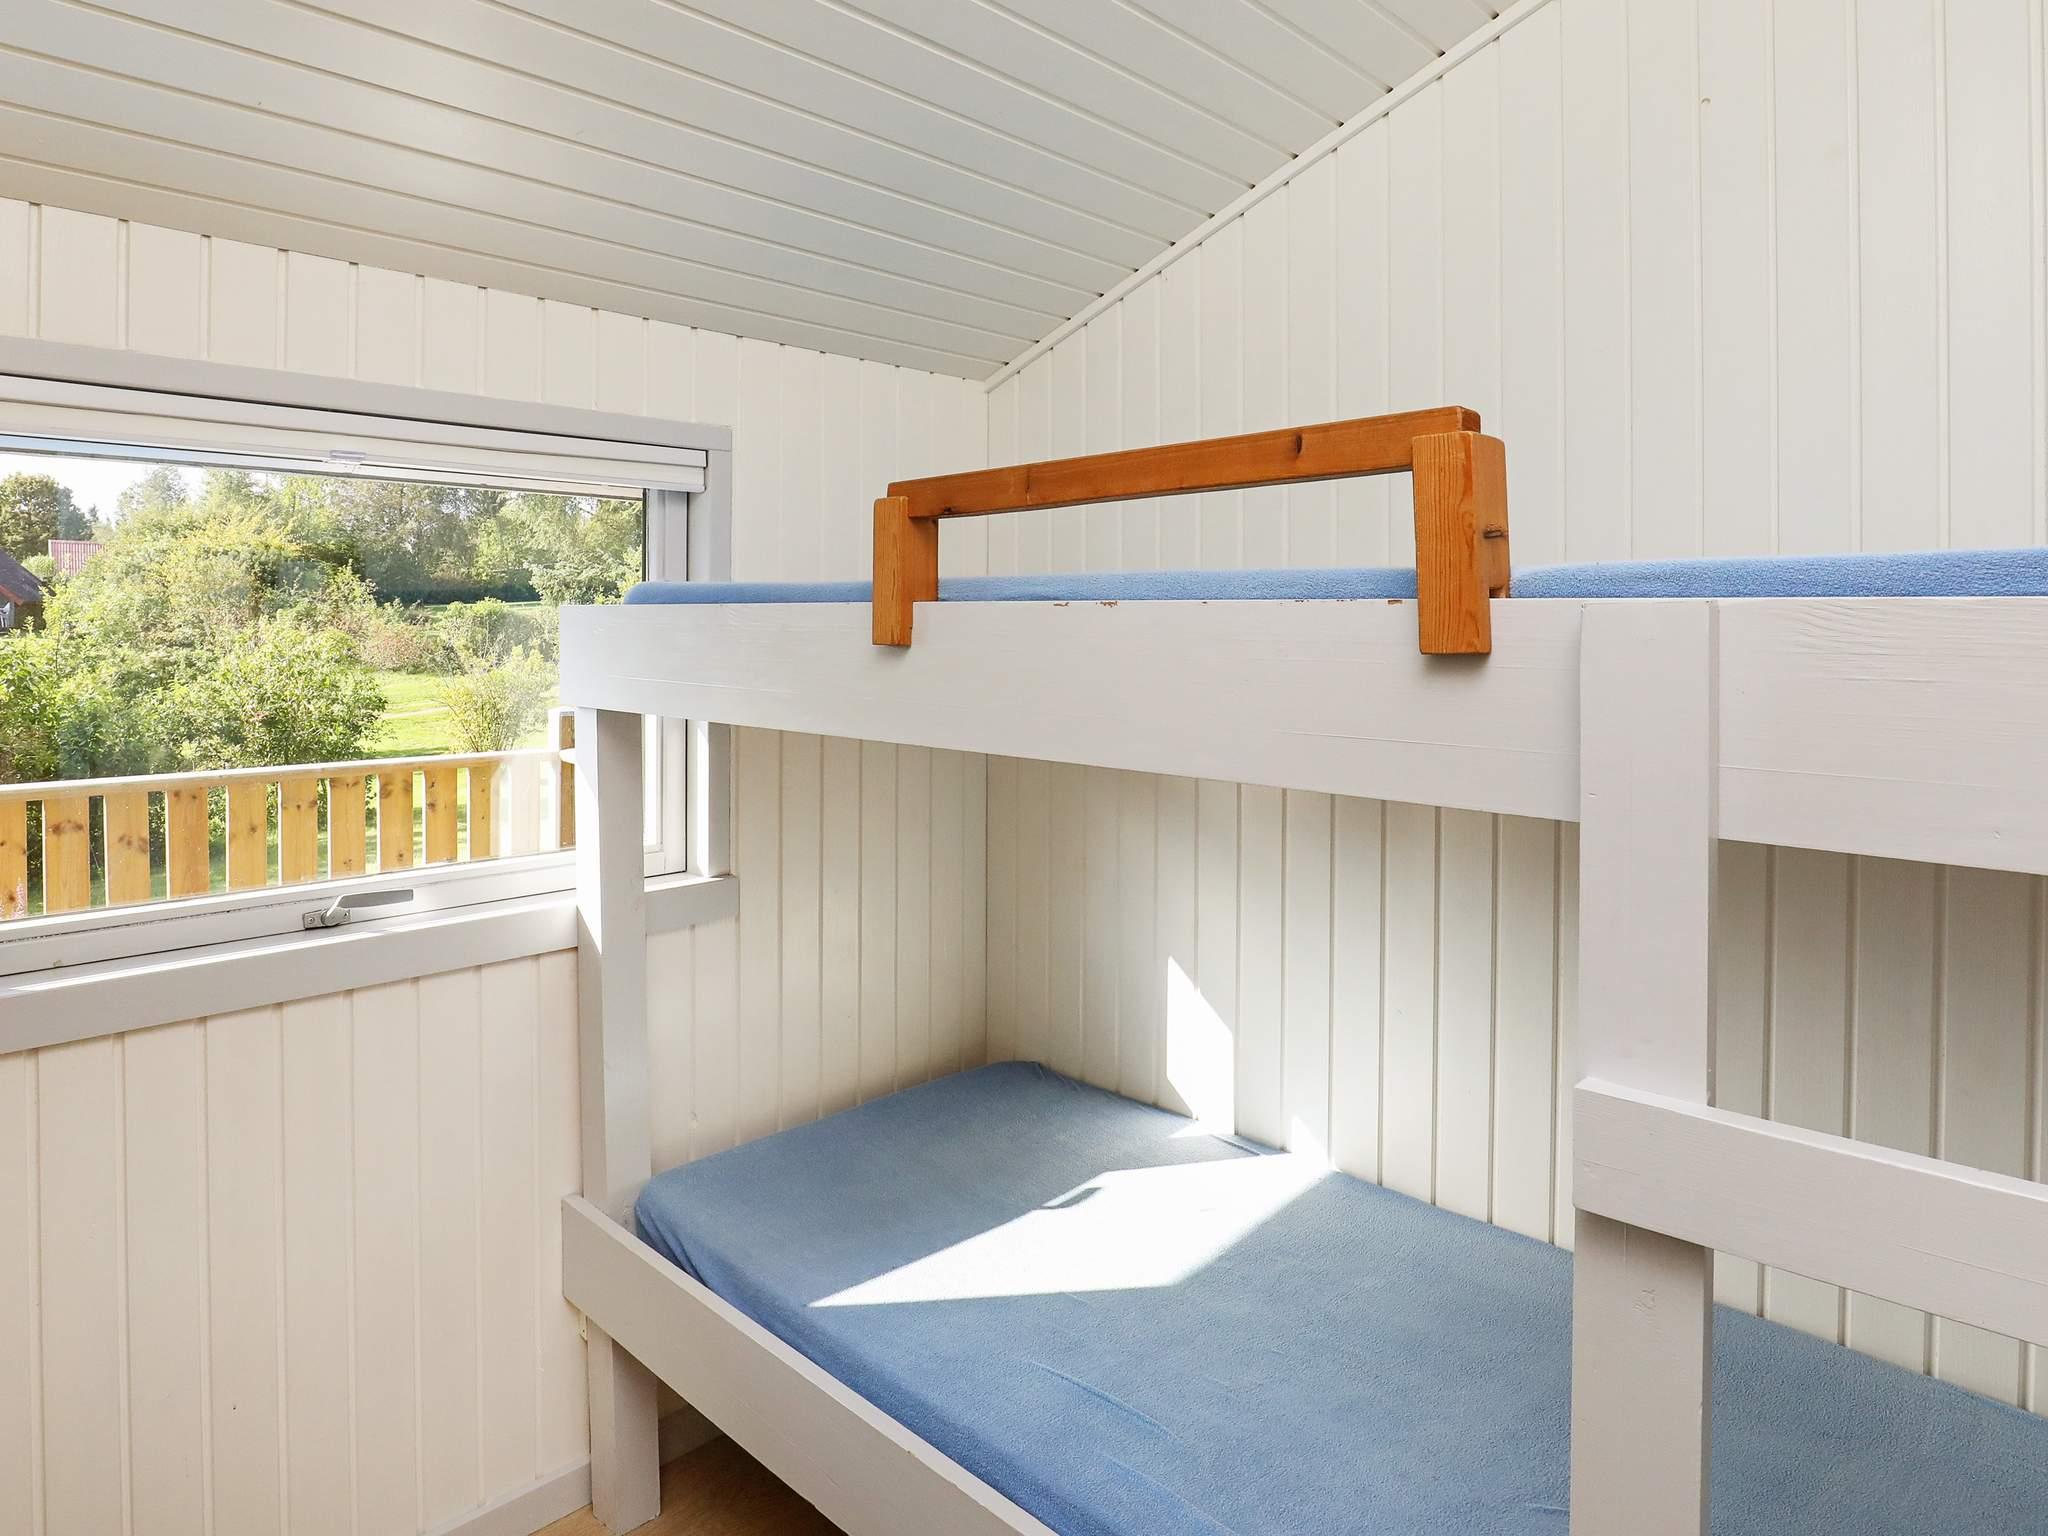 Ferienhaus Strandet (84379), Højslev, , Limfjord, Dänemark, Bild 8